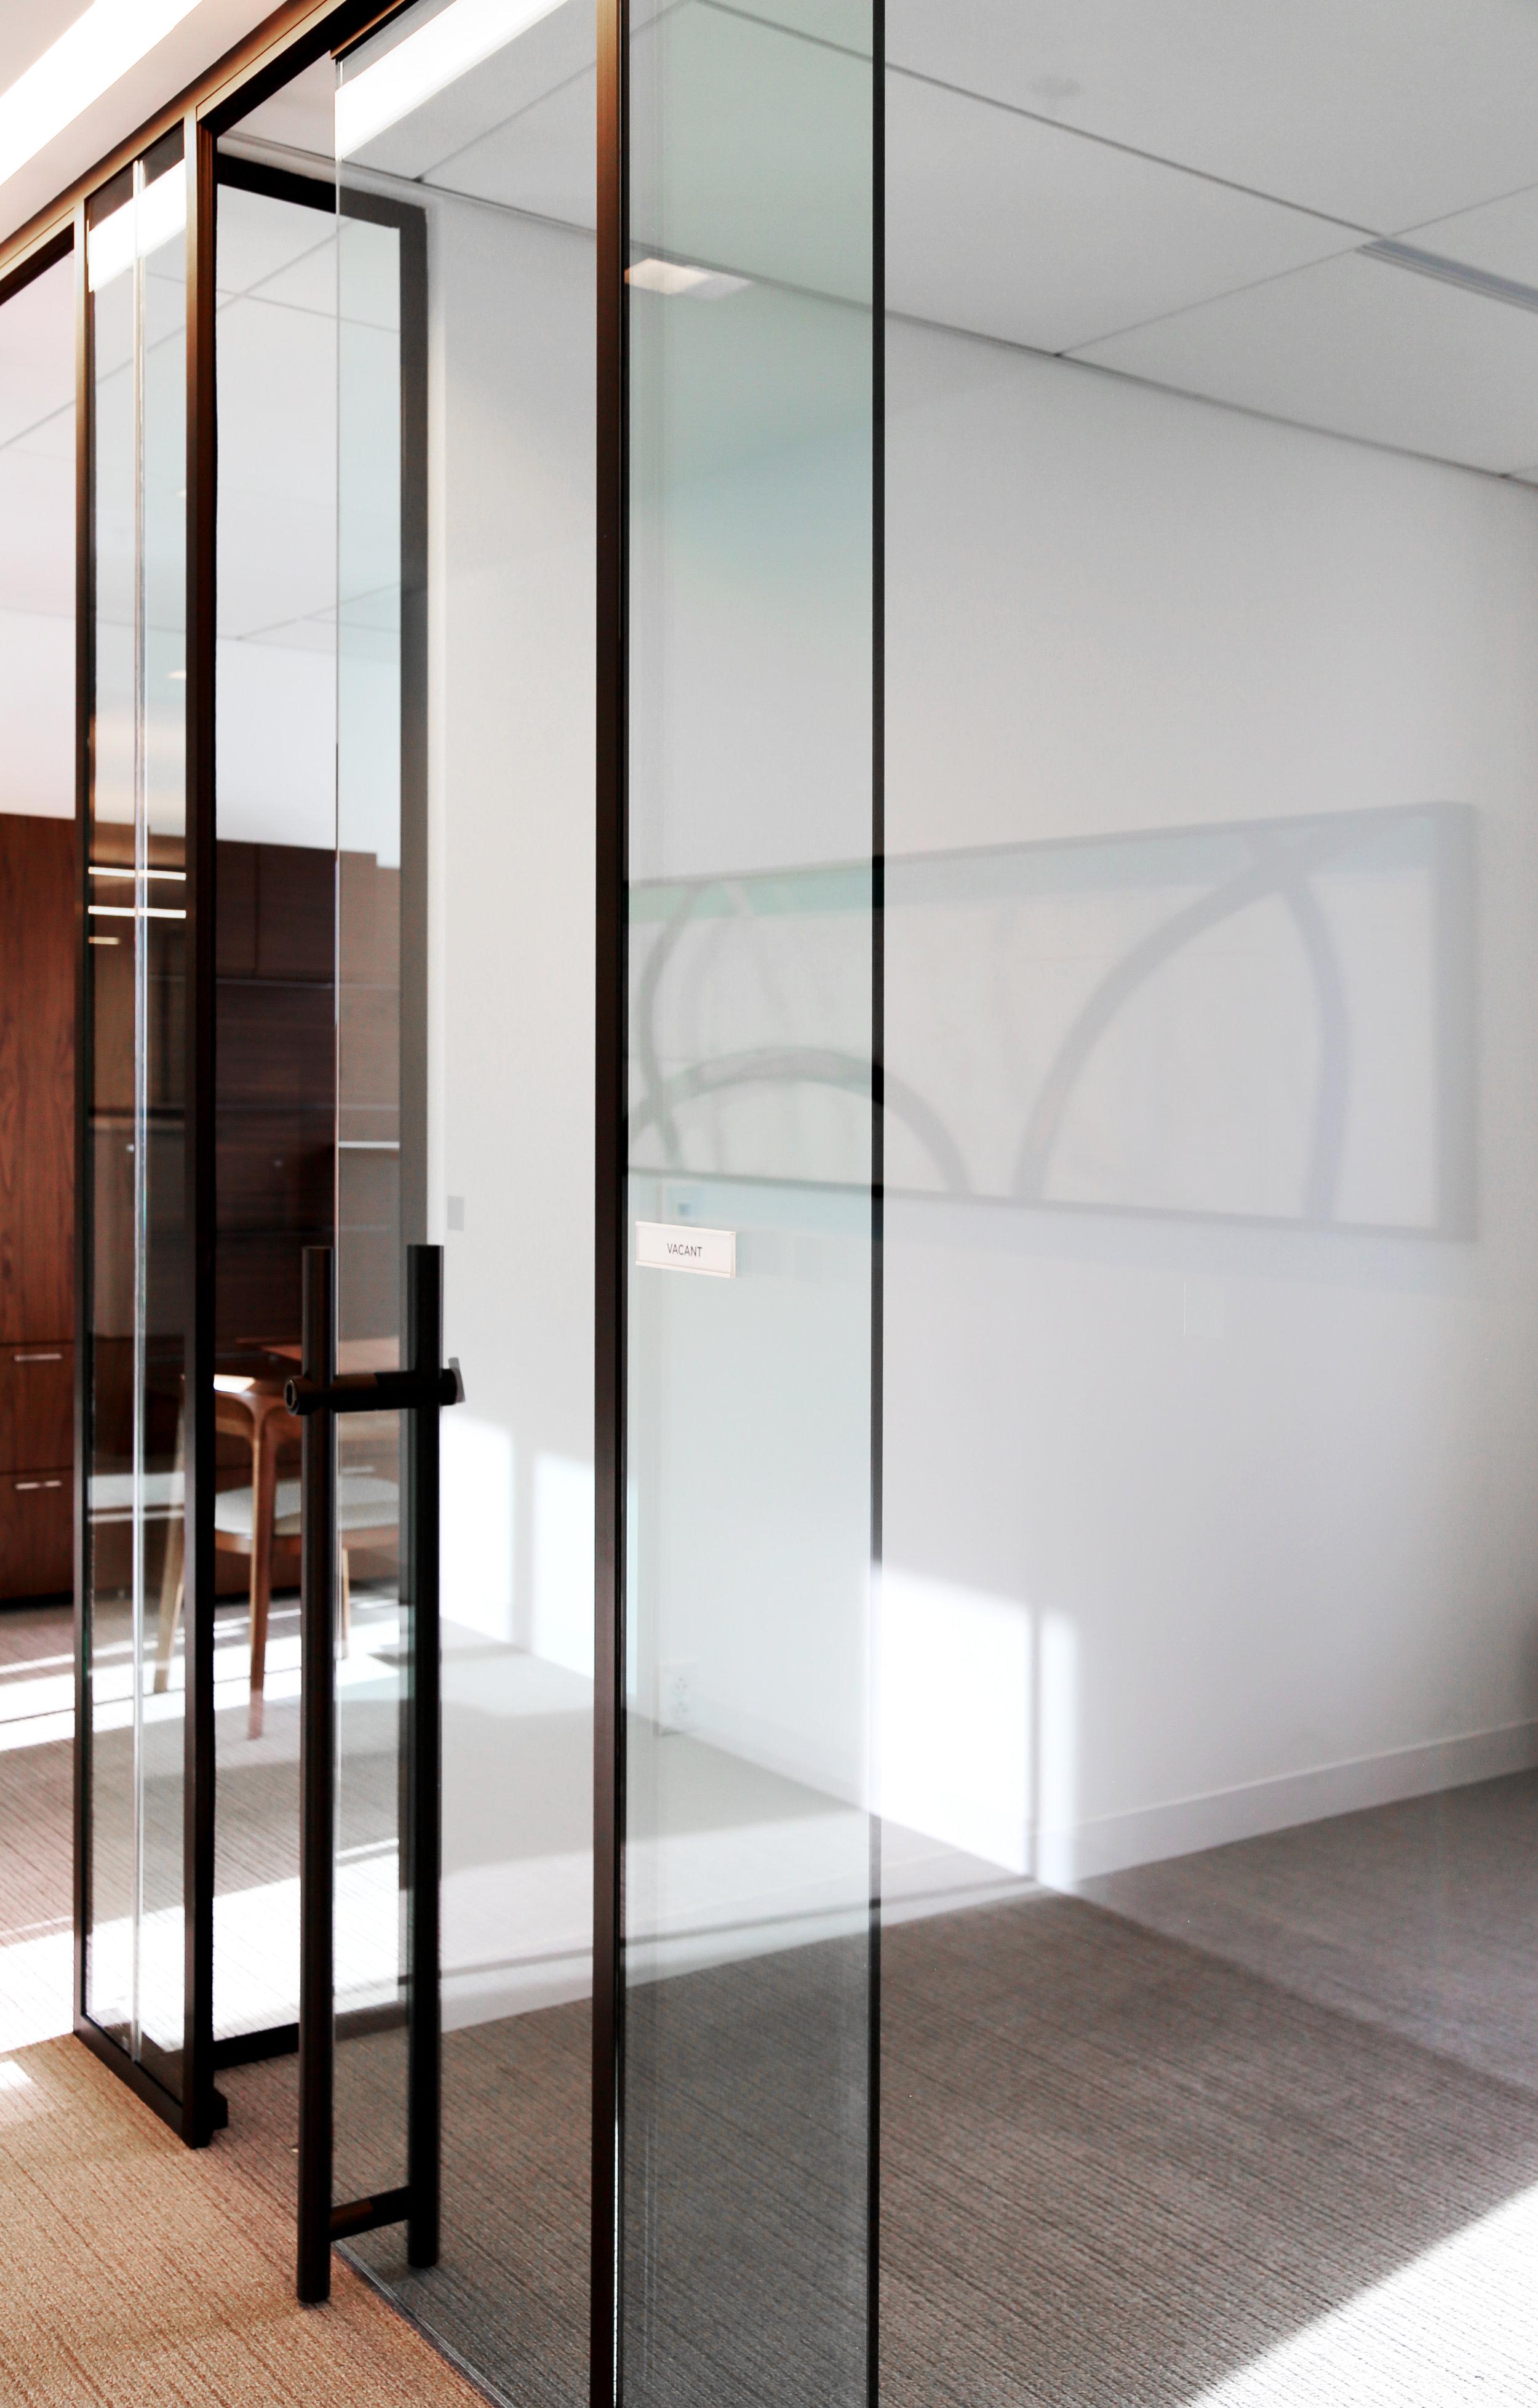 Modernus Frameless Glass Sliding Doors - Spaceworks AI.jpg